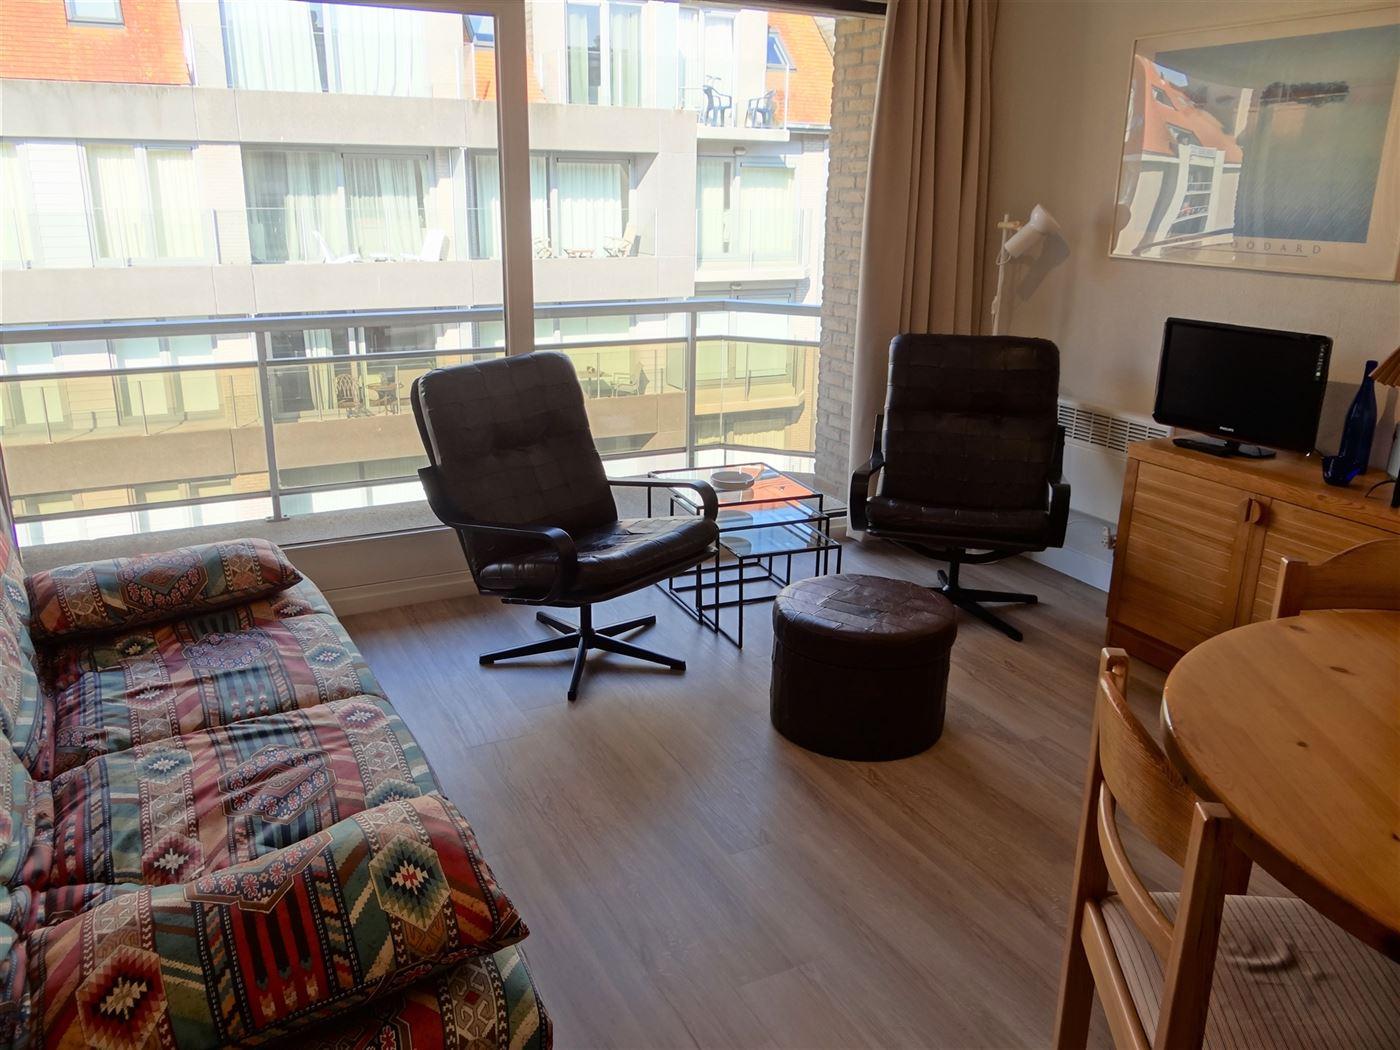 TE HUUR OP JAARBASIS - ruime studio met zonneterras - centraal gelegen dicht bij de winkels -  slaaphoek met stapelbed - living met divanbed 1x2 - ing...